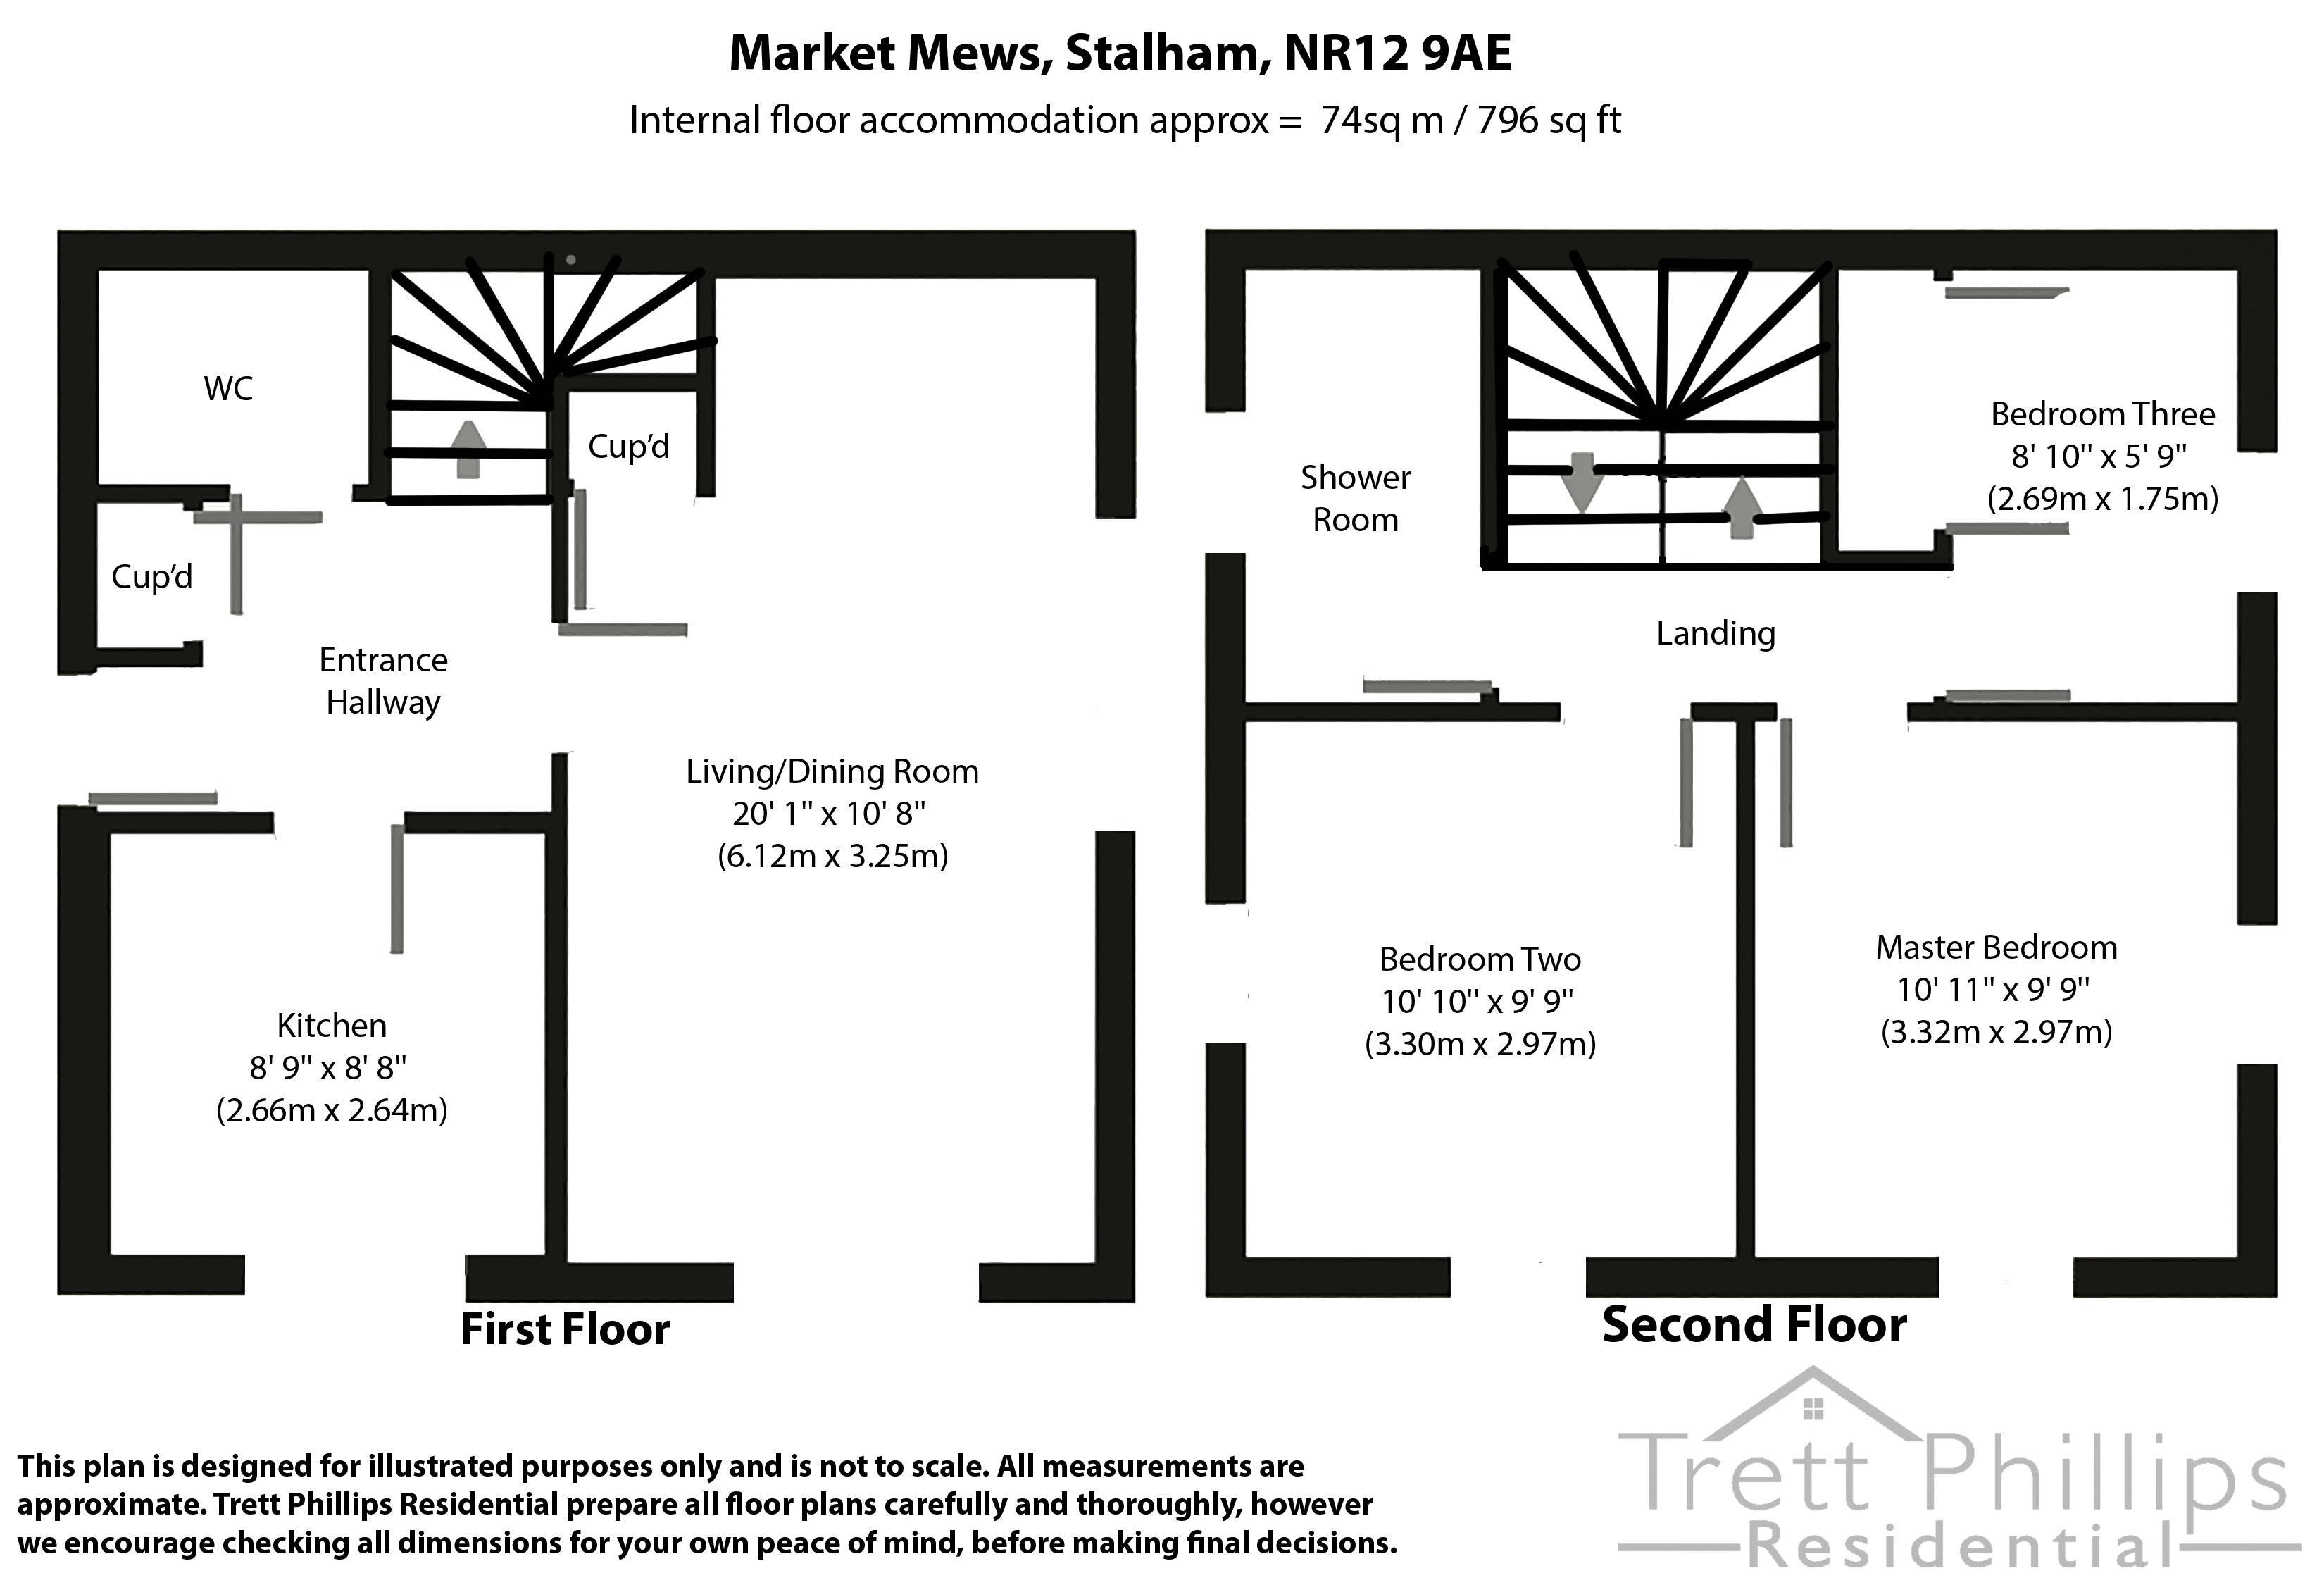 Market Mews Stalham